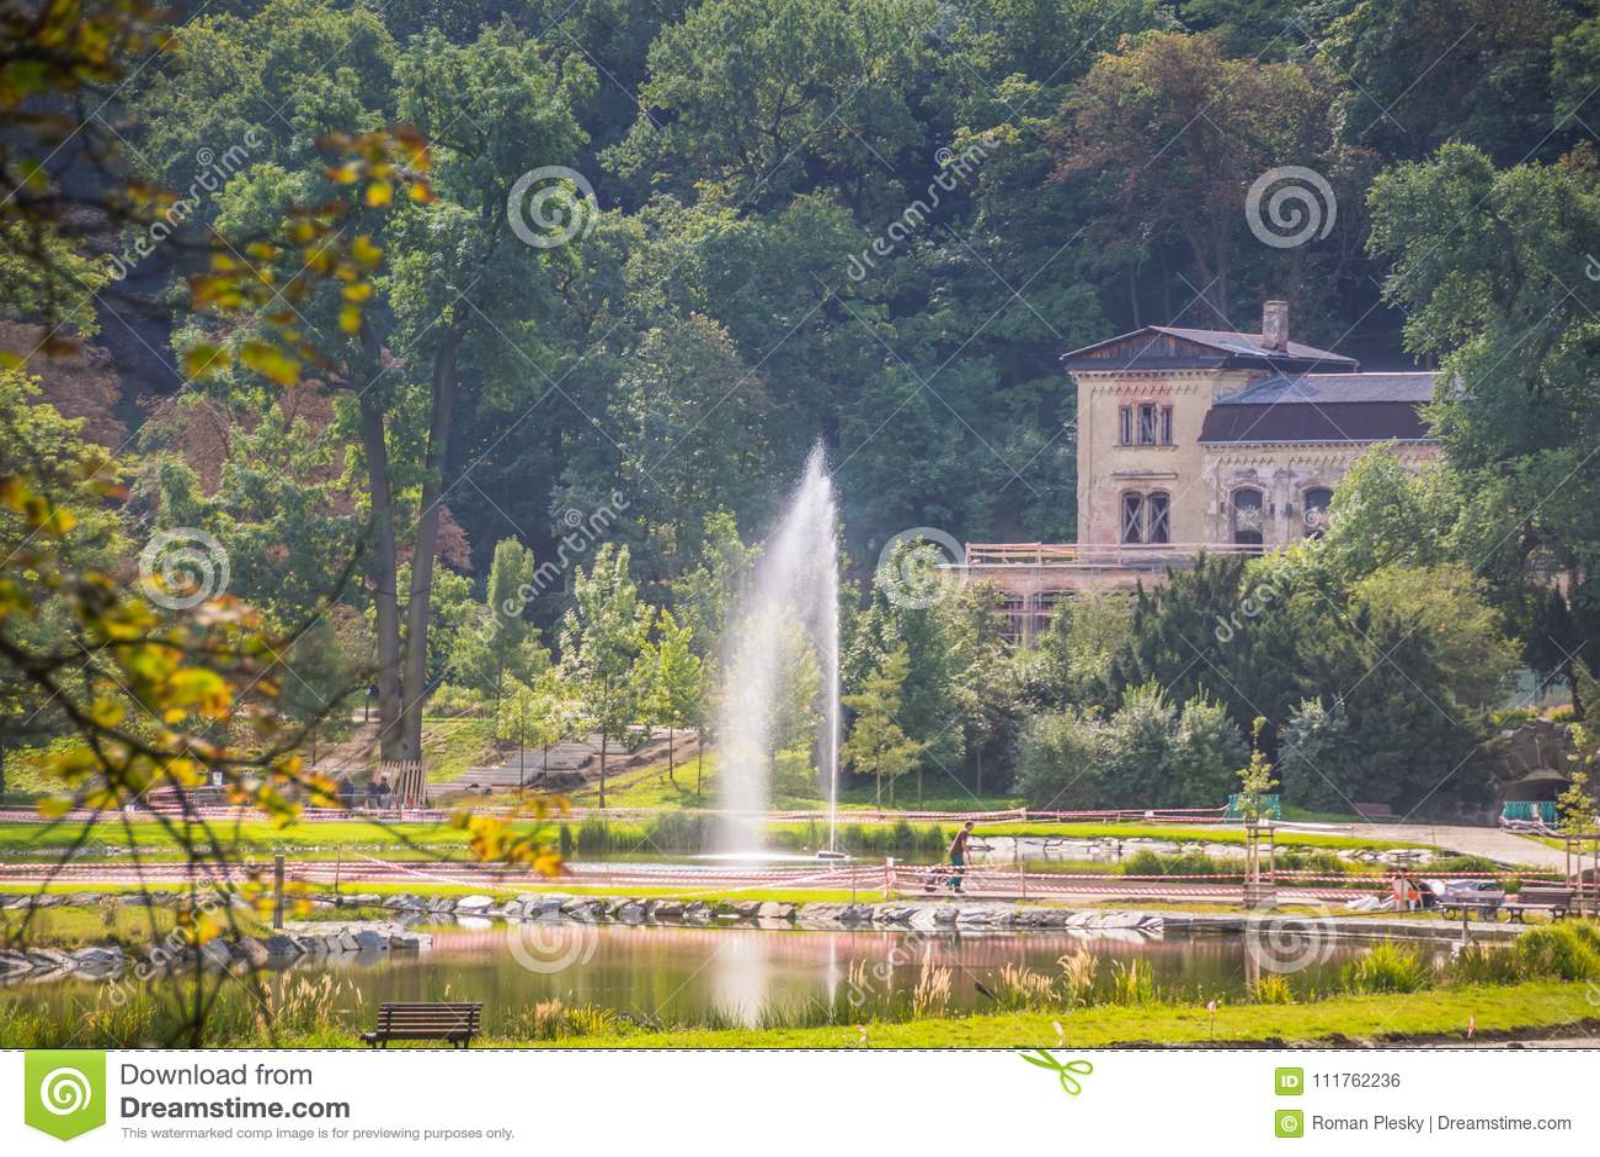 皇家公园Stromovka Krà ¡ lovskà ¡ Obora Stromovka在布拉格,捷克